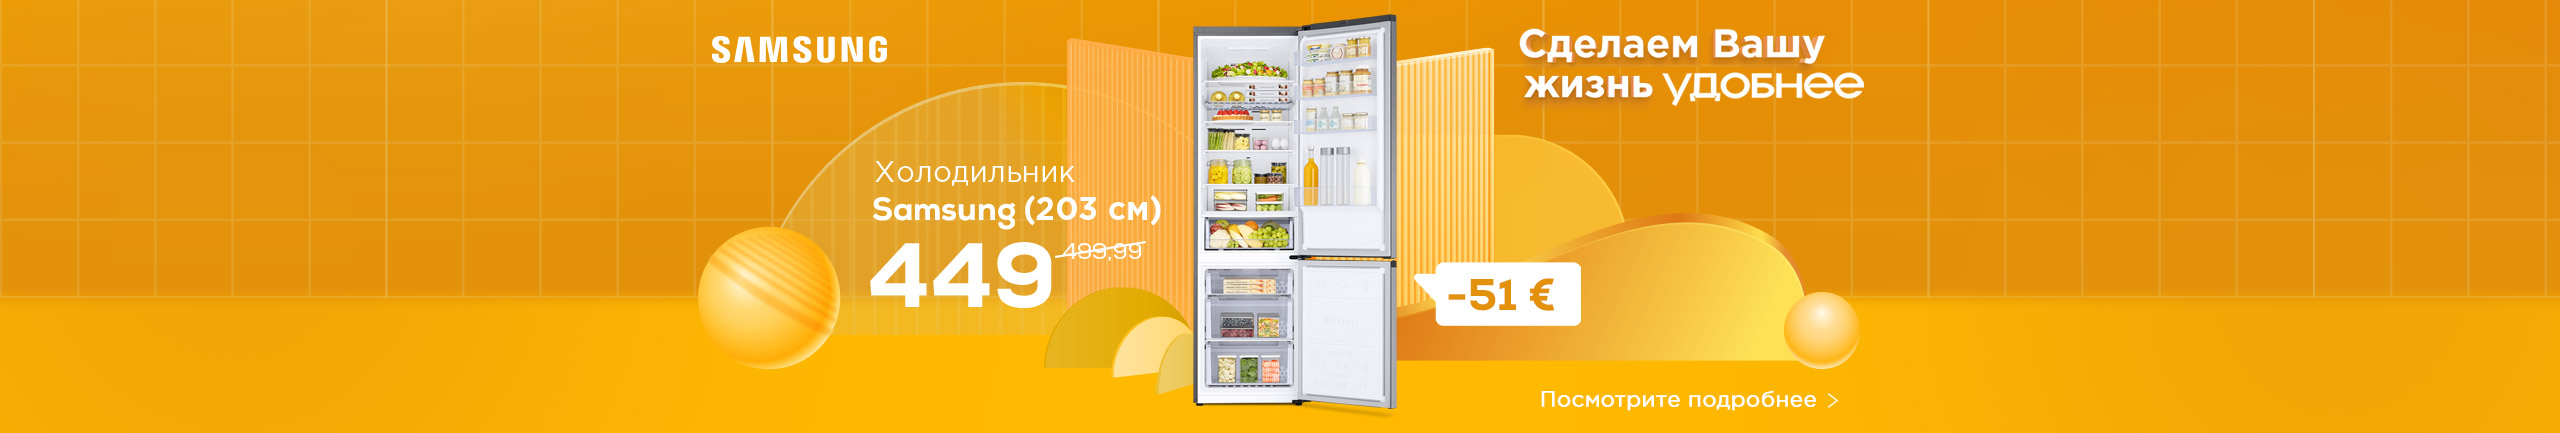 NPL Сделаем Вашу жизнь проще! Холодильник Samsung (203 см)